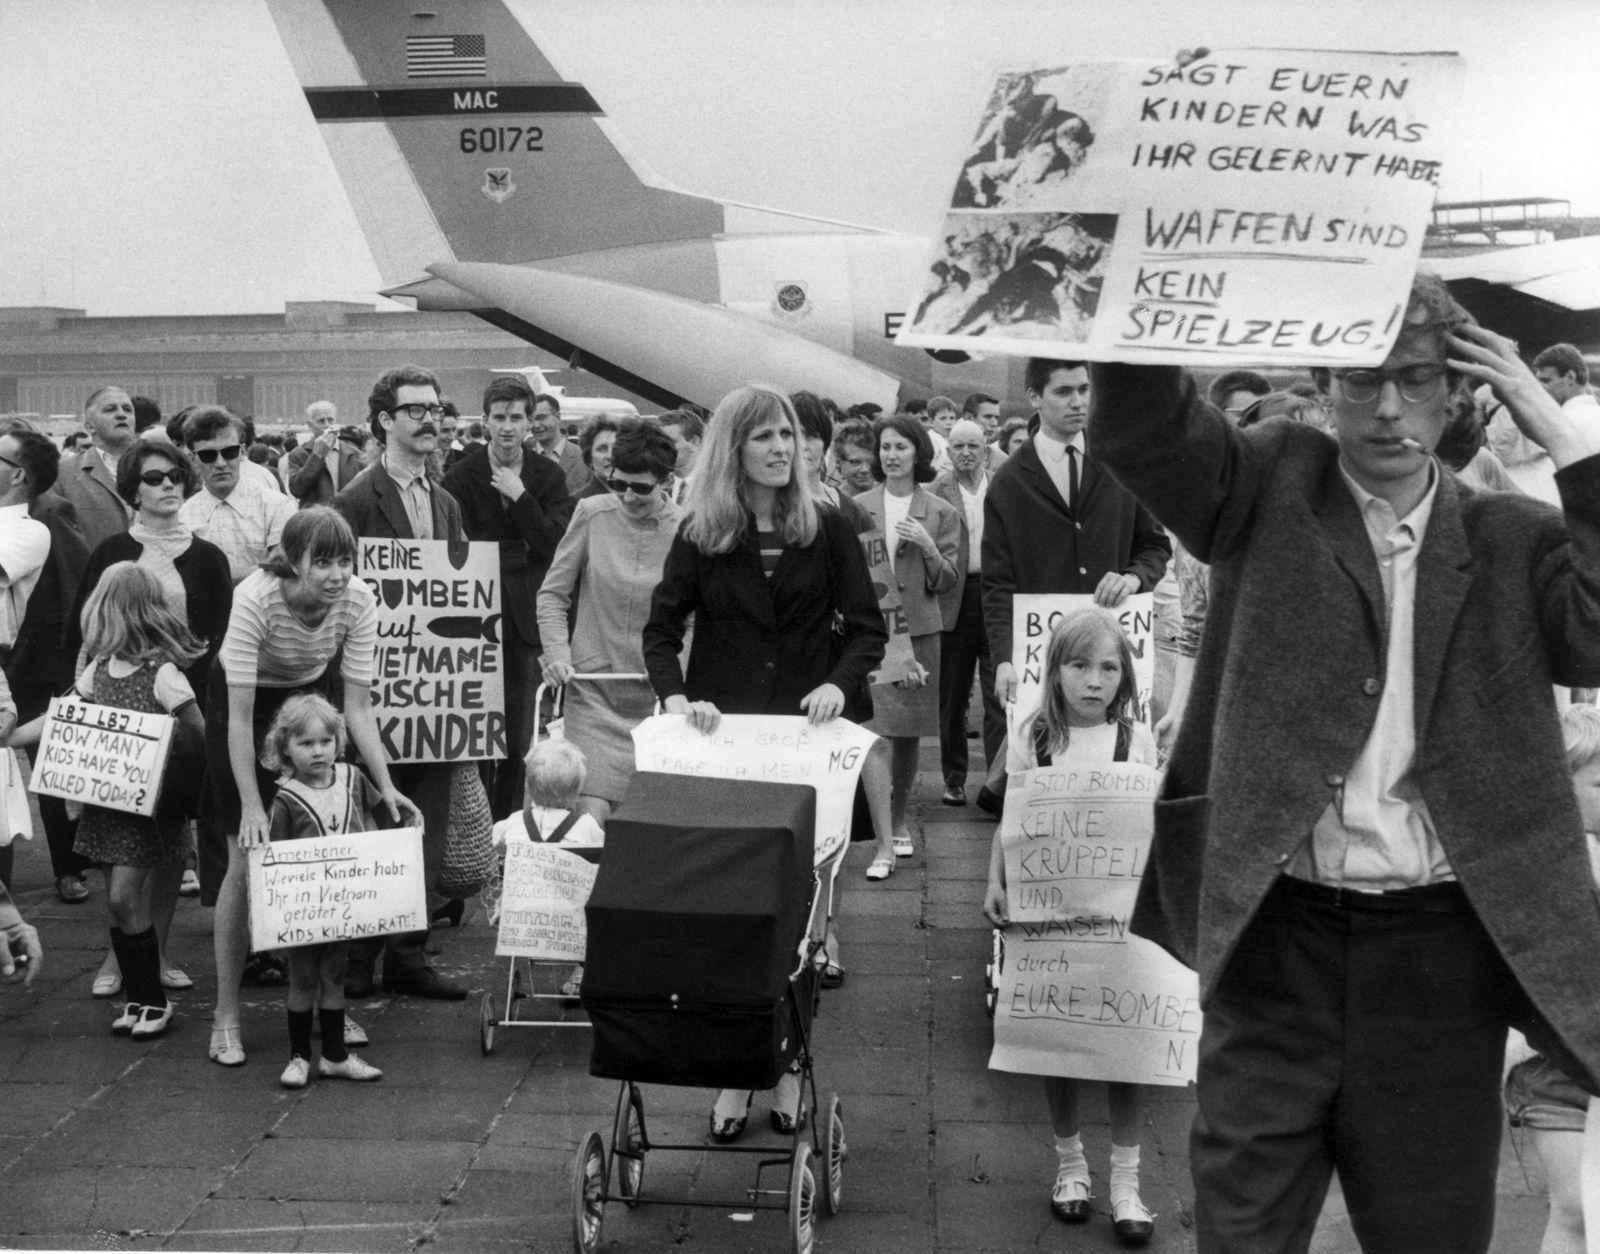 Demo mit Kindern gegen den Vietnamkrieg